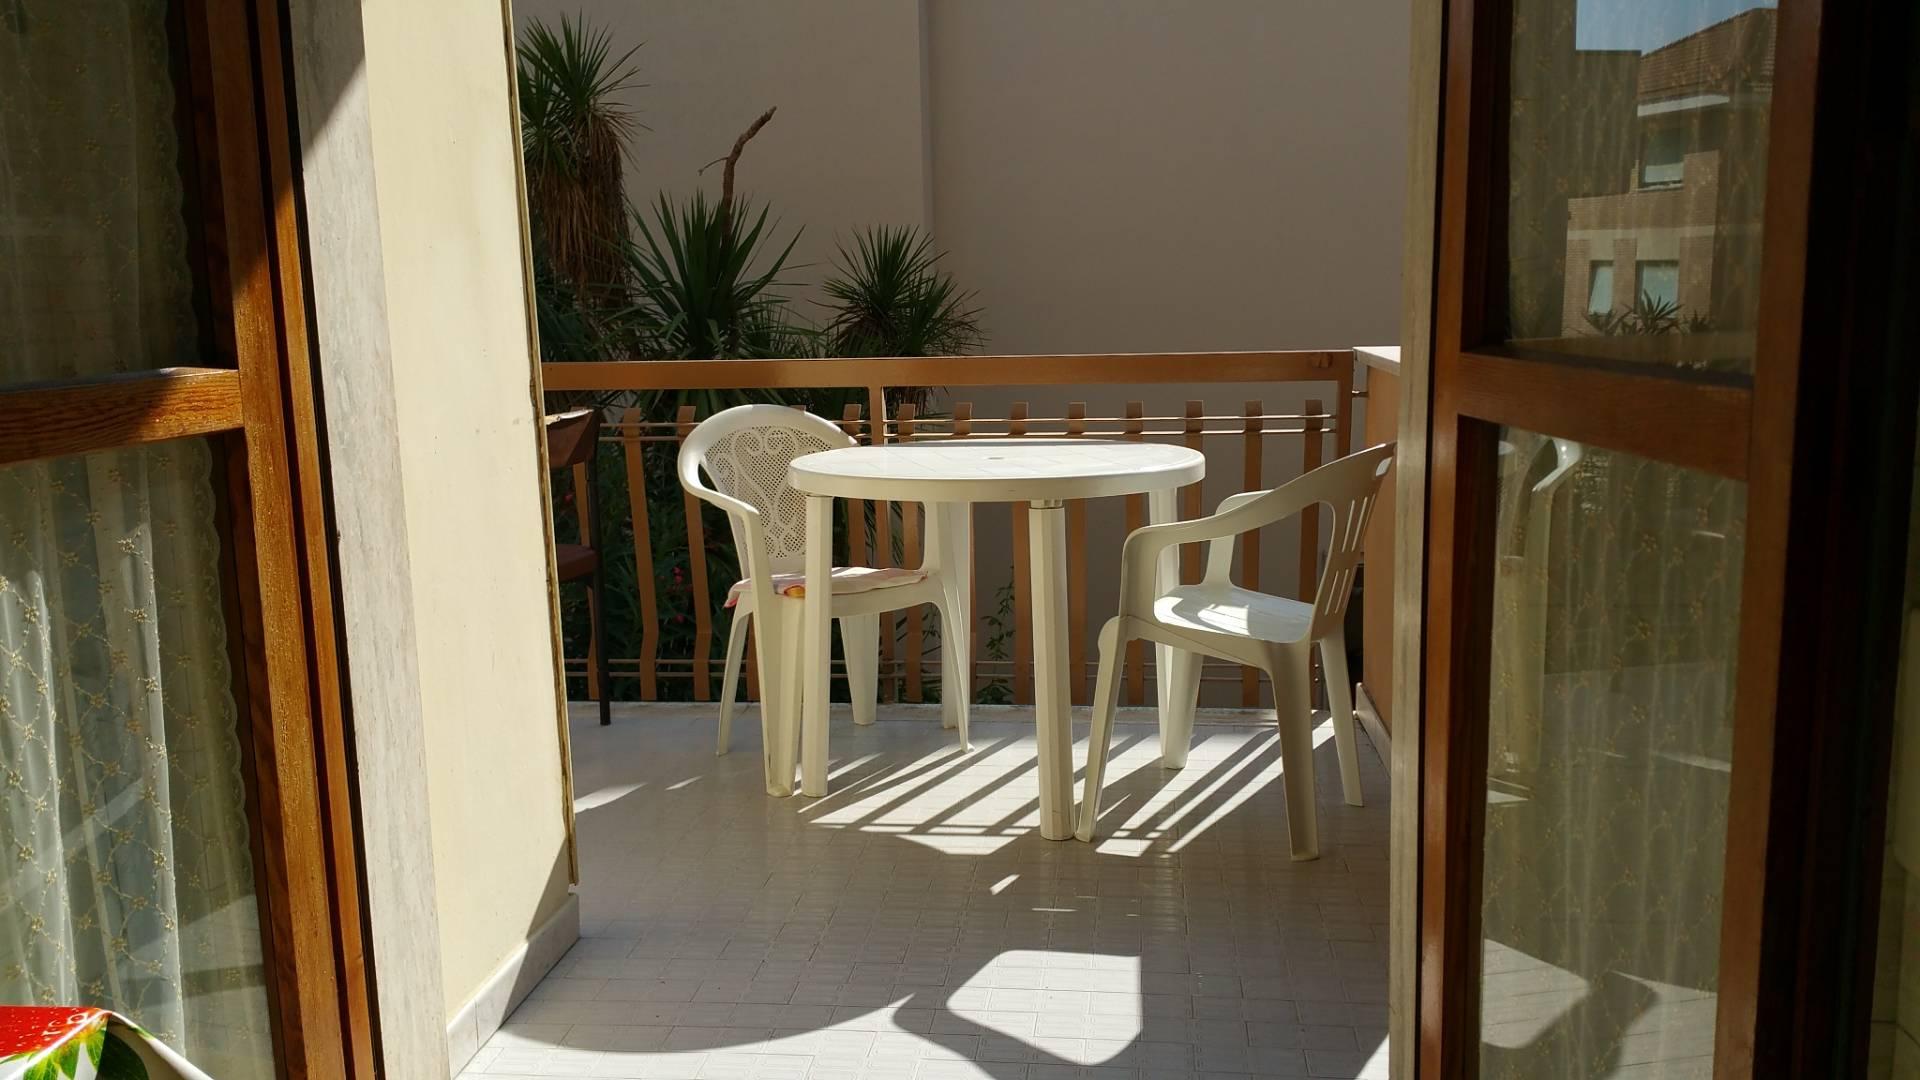 Appartamento in vendita a Ascoli Piceno, 4 locali, zona Località: PortaMaggiore, prezzo € 165.000 | Cambio Casa.it